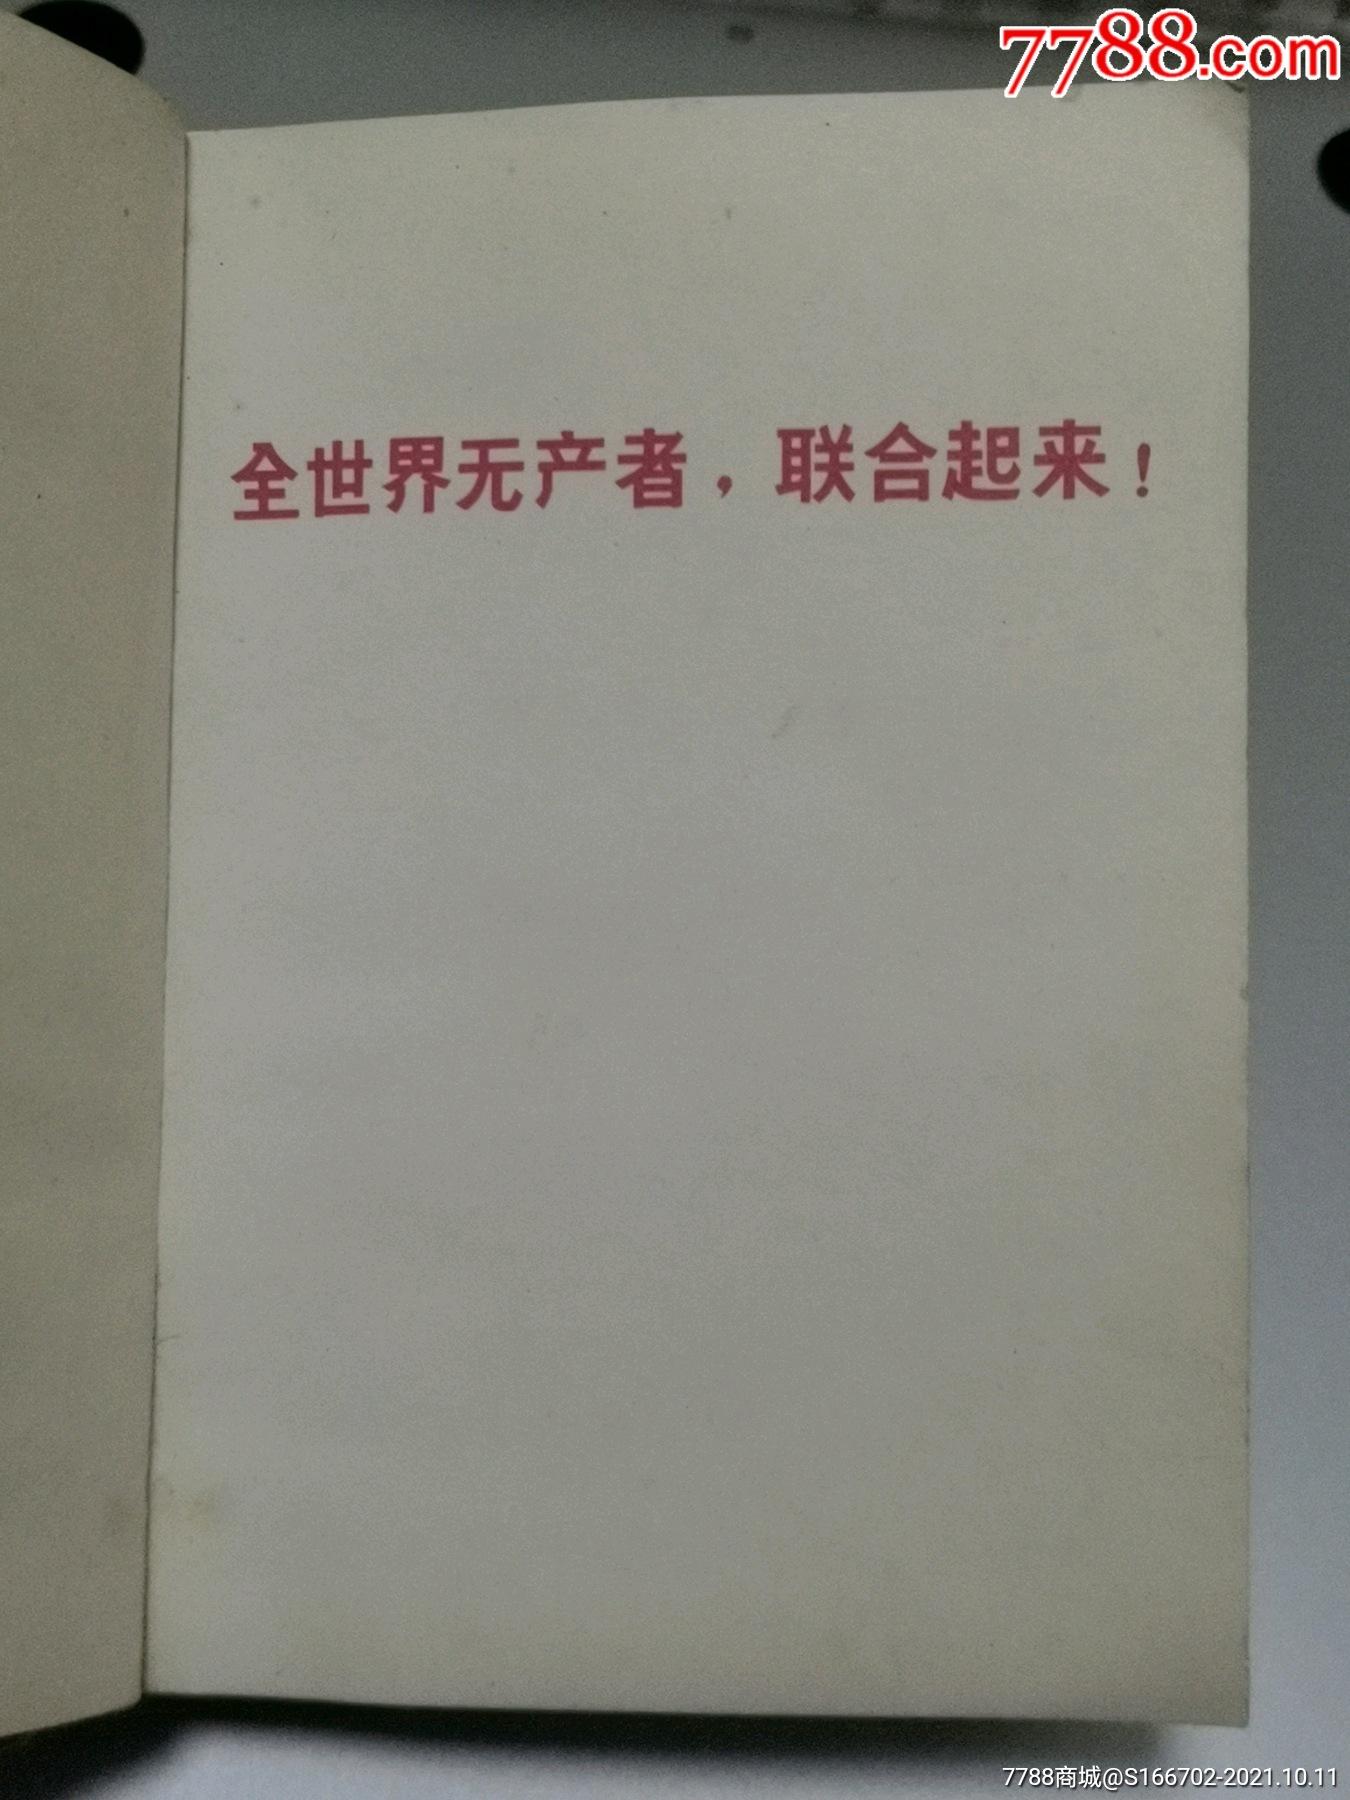 四个伟大林题红宝书(全图)_价格388元_第3张_